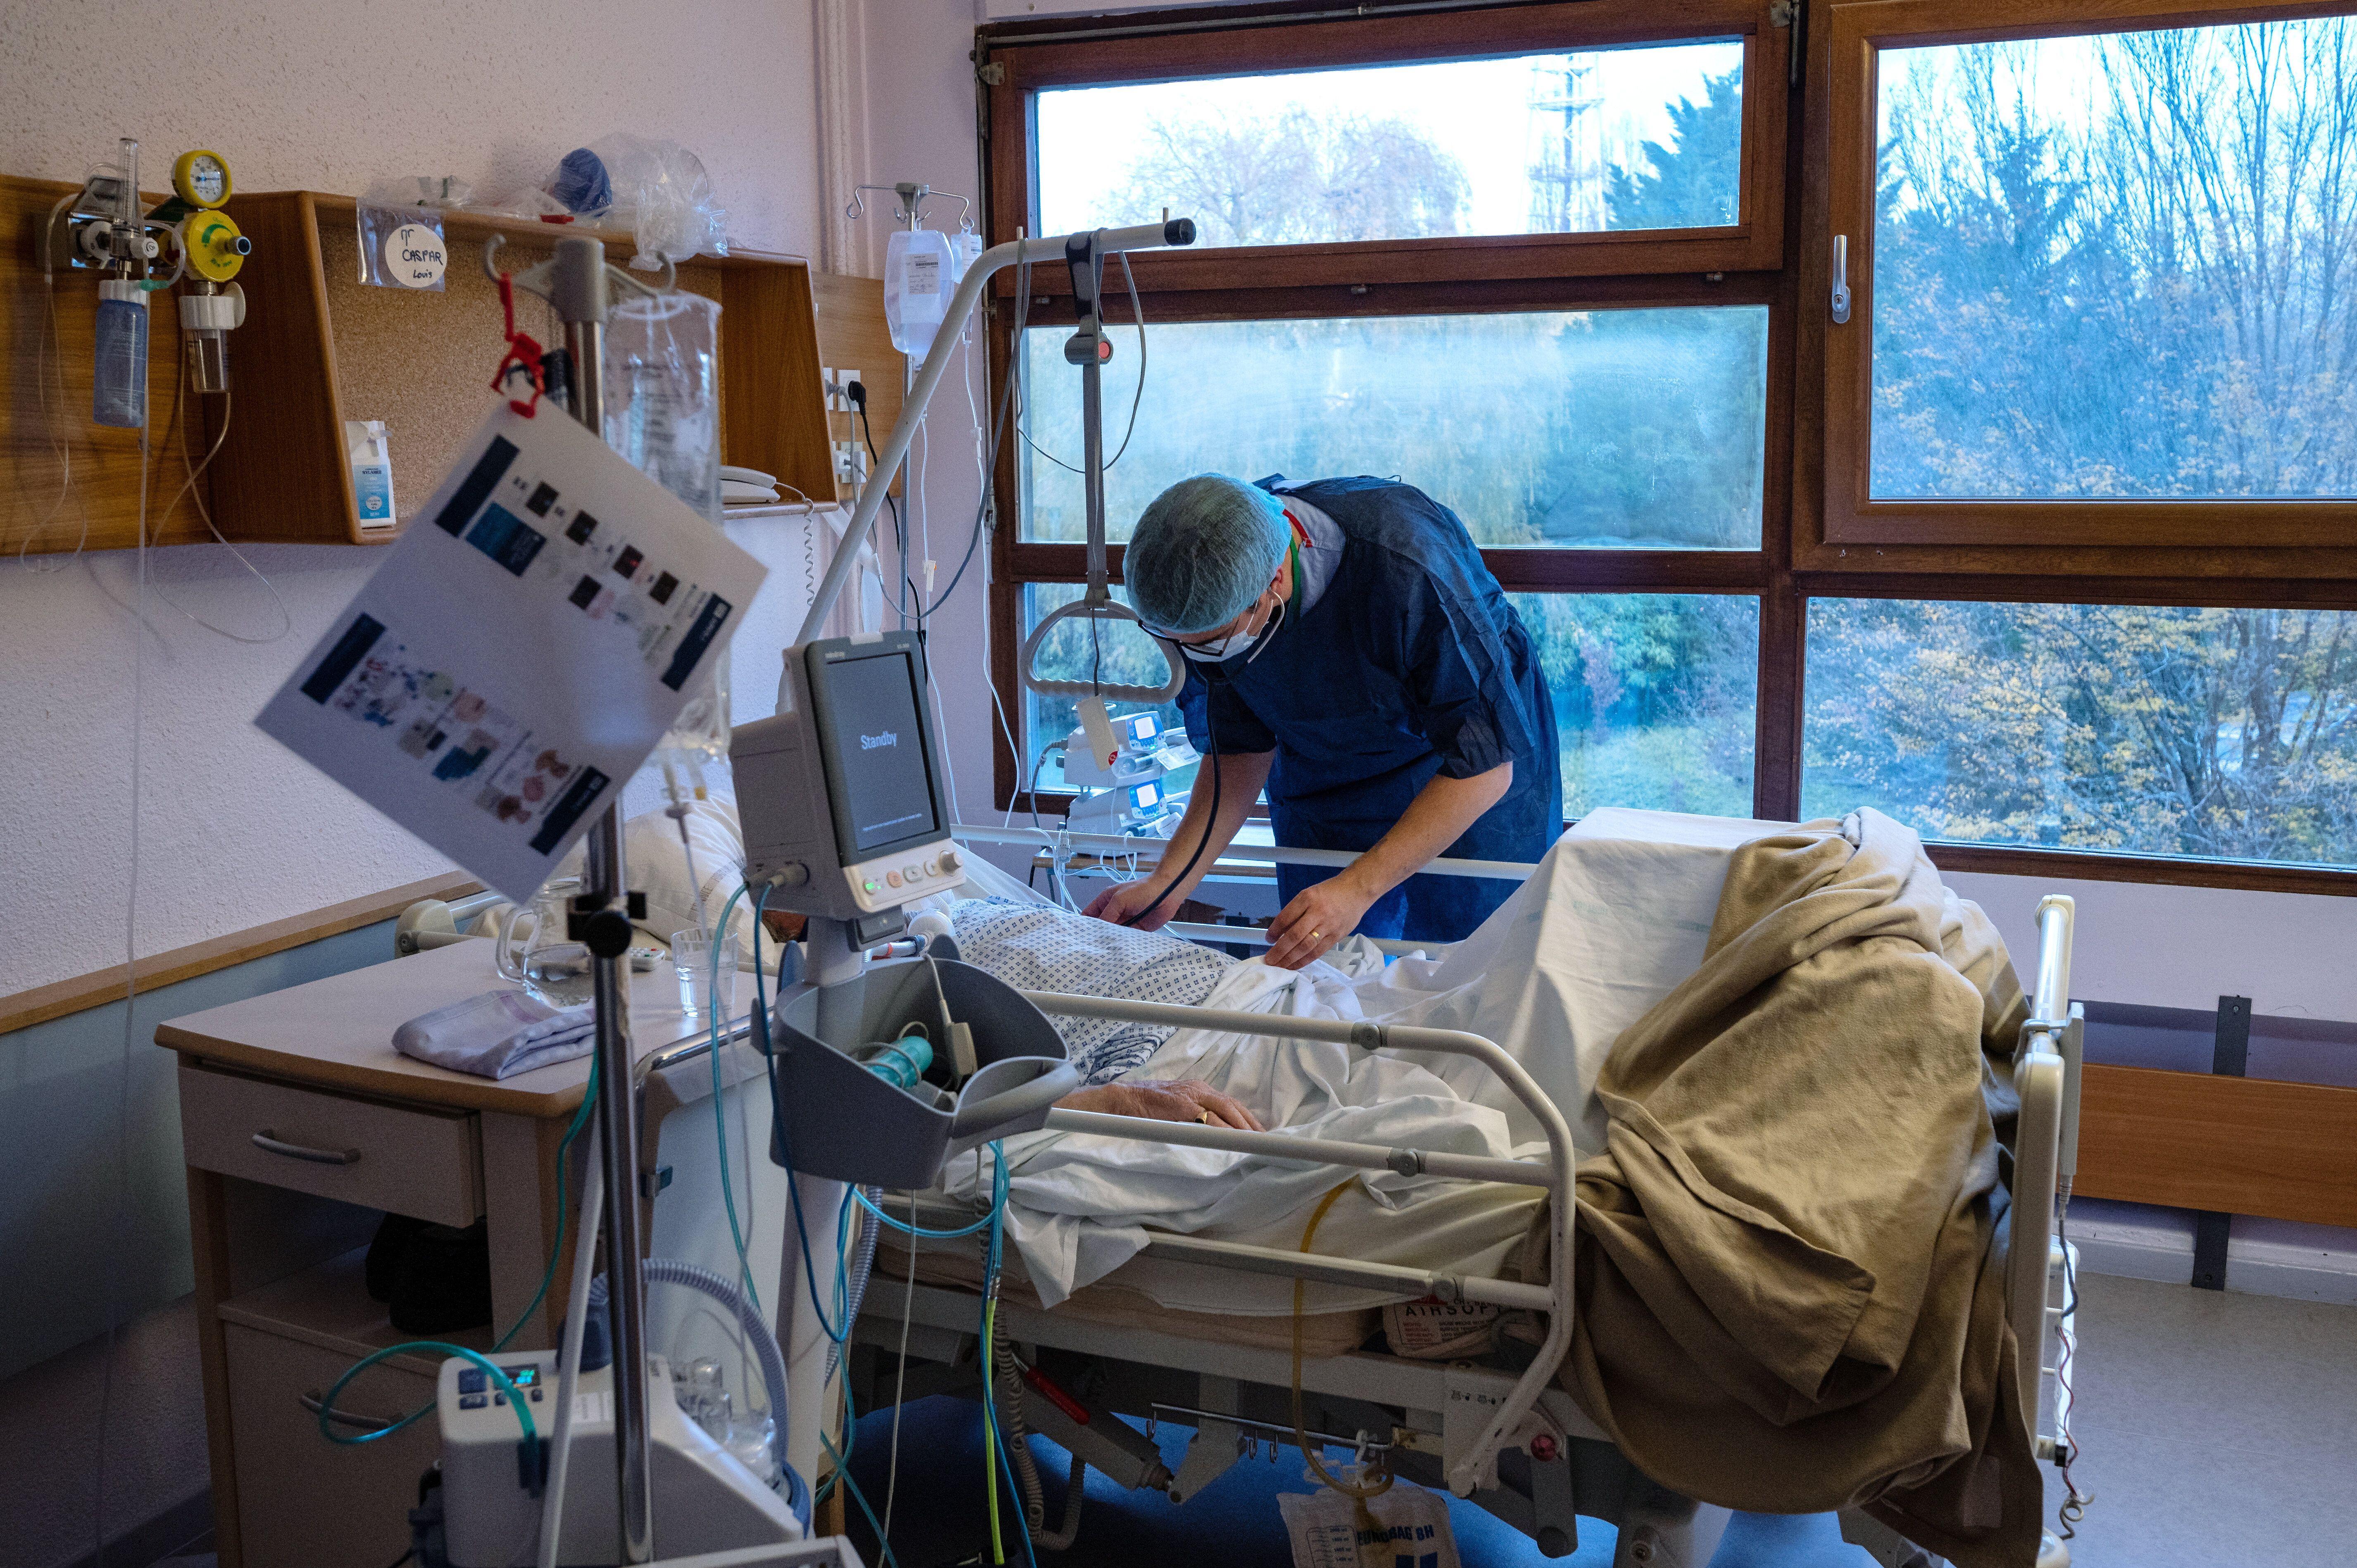 À l'hôpital Emile-Muller de Mulhouse, le 17 novembre